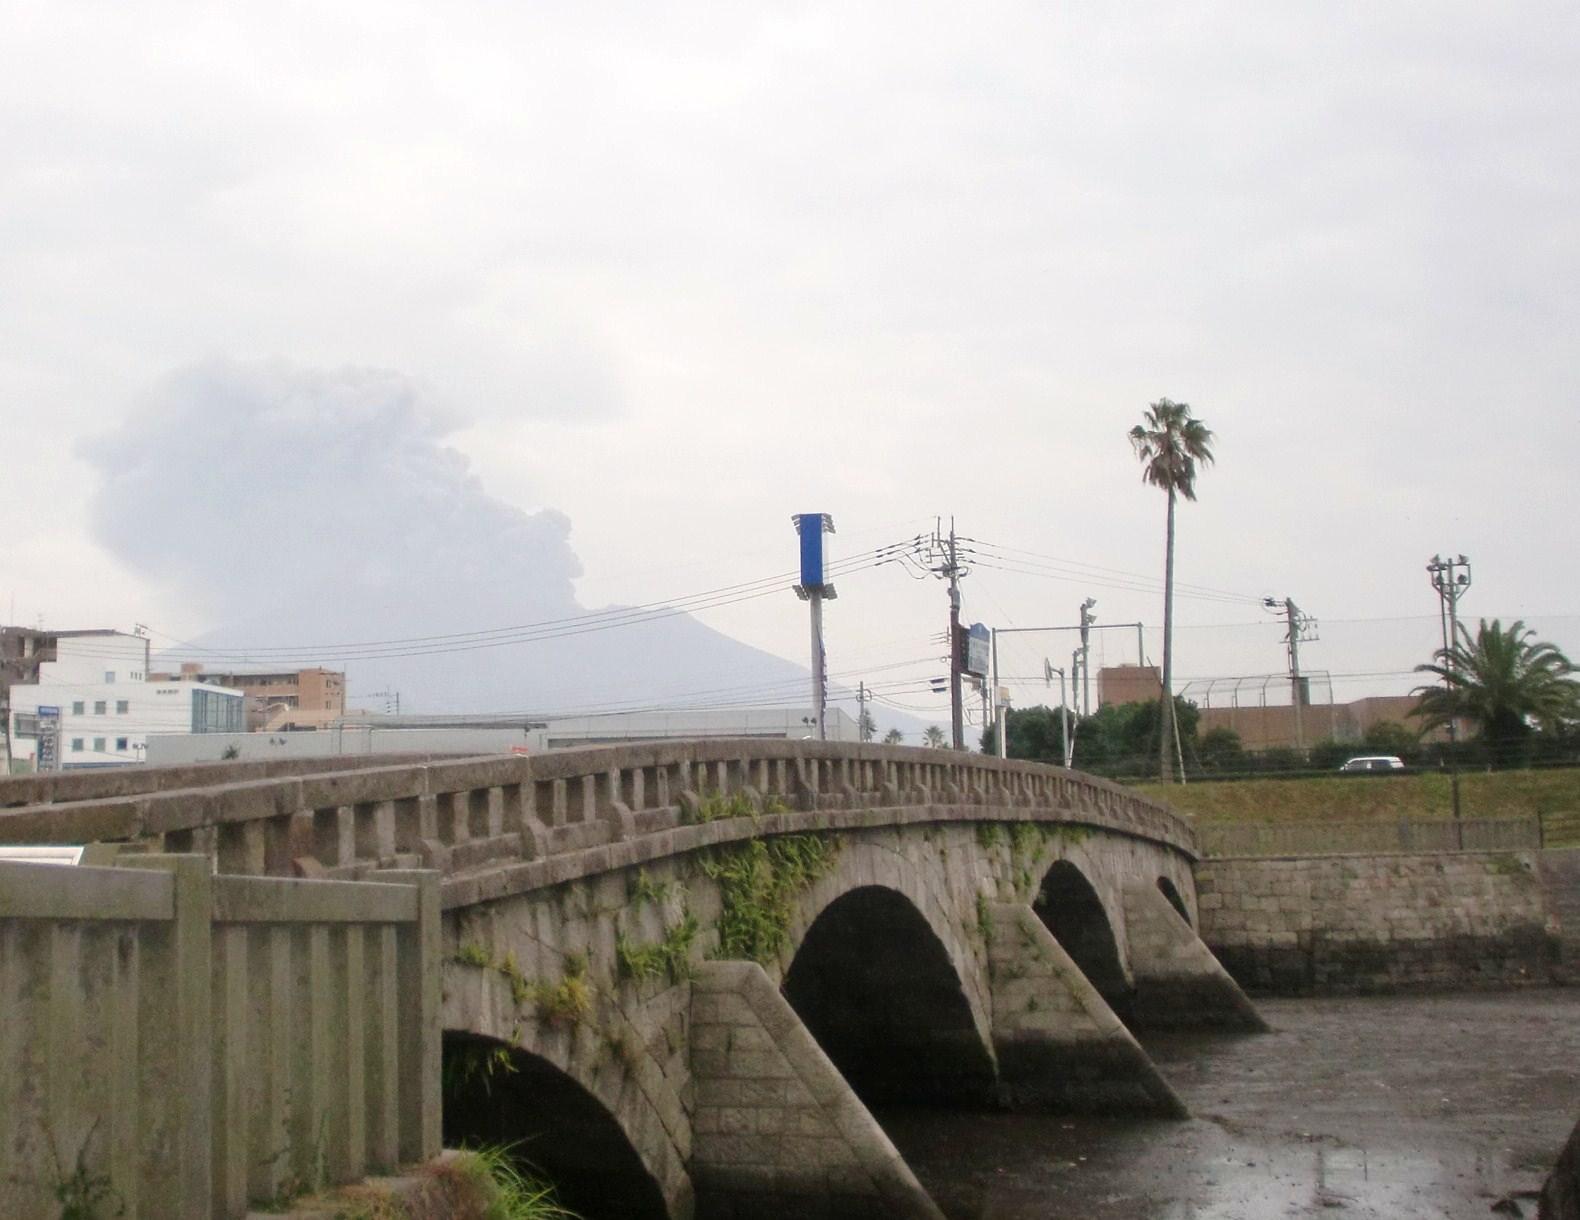 玉江橋 source: wikipedia